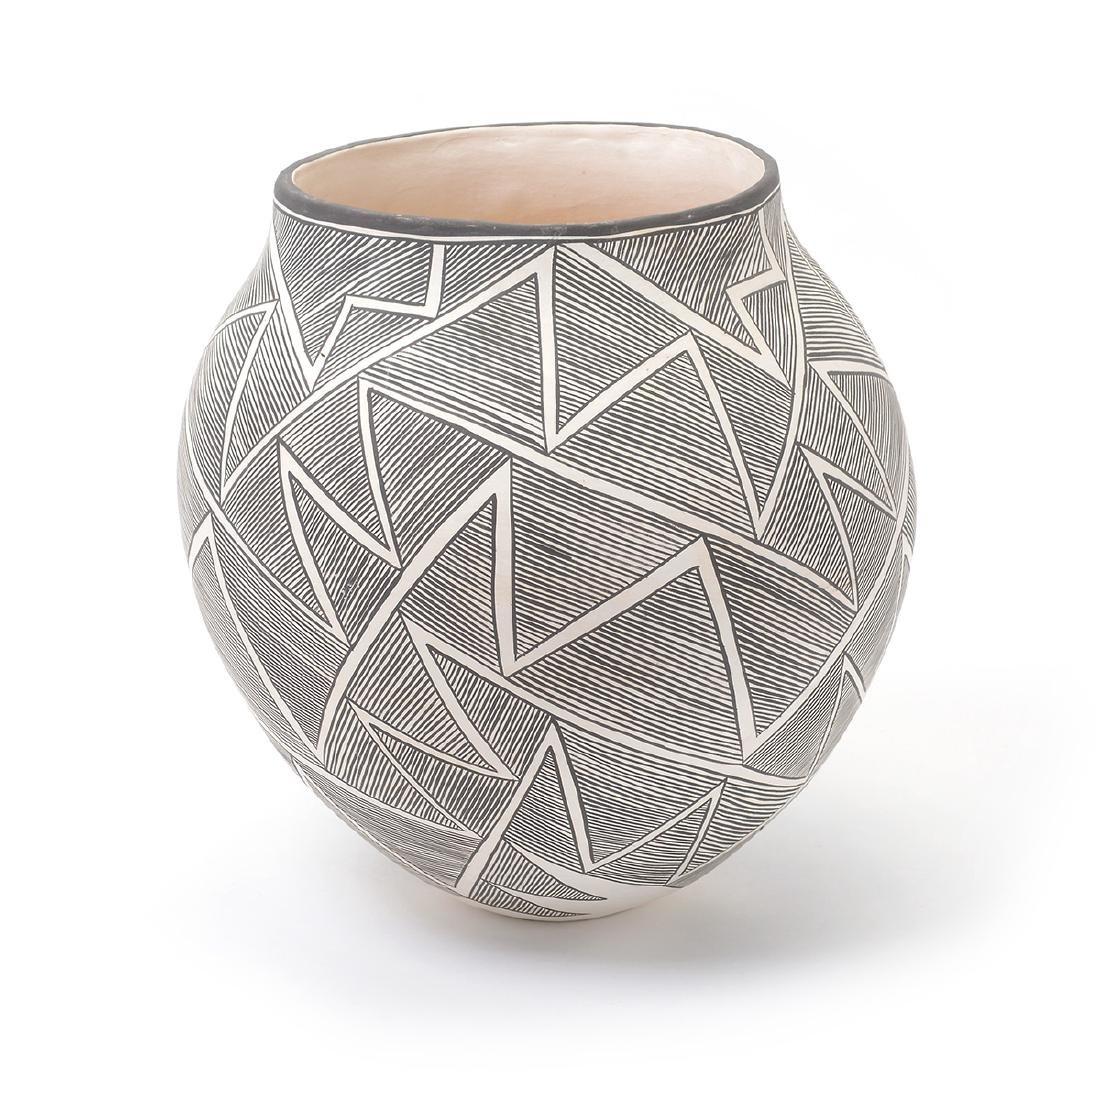 Acoma Geometric Vase with Lightning, B.Goncho, NM